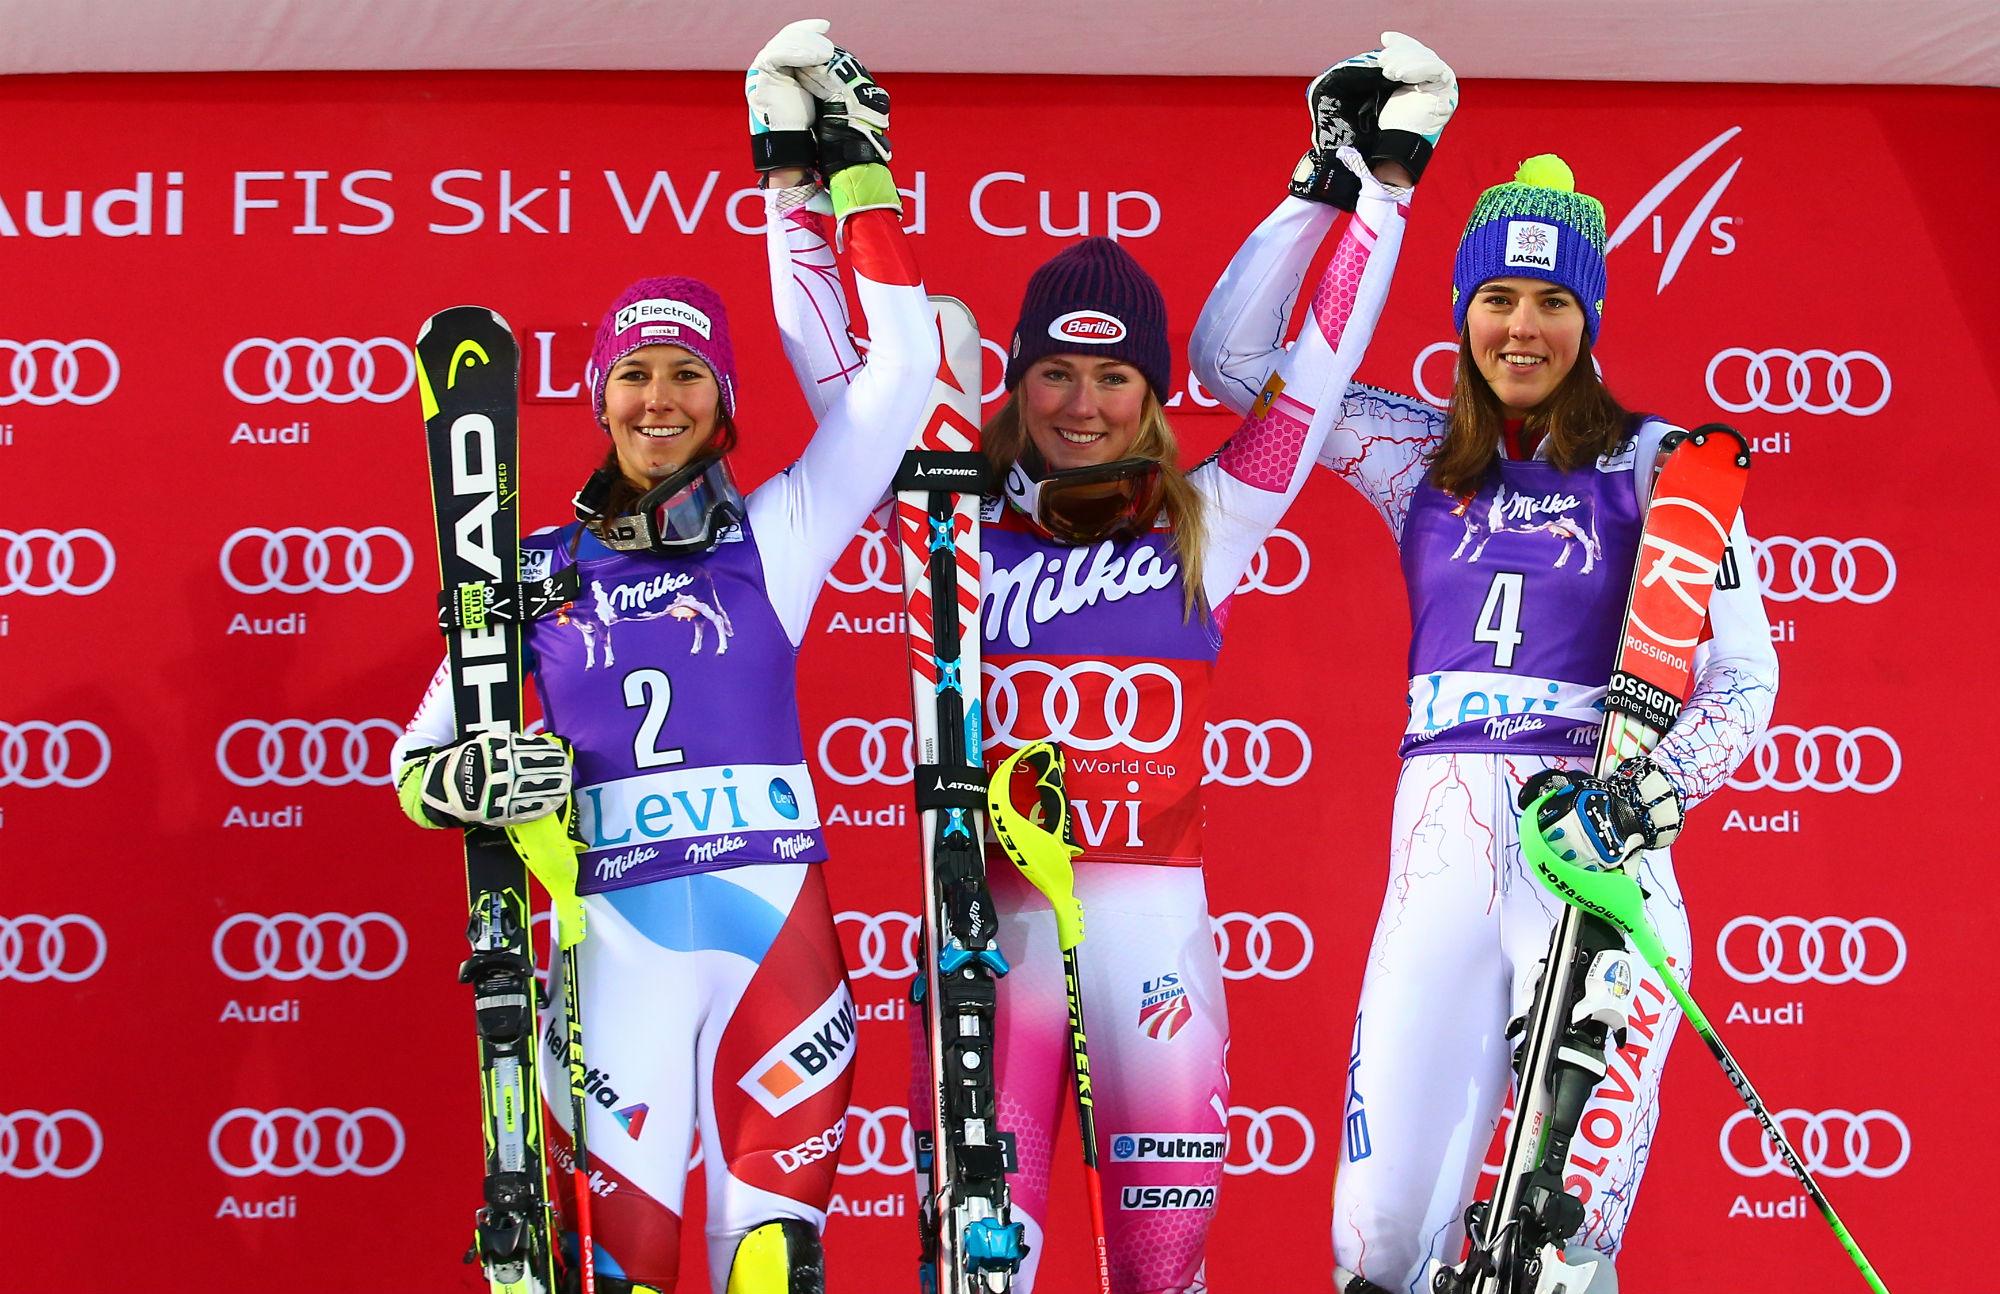 Wendy Holdener, Mikaela Shiffrin e Petra Vlhova: il podio di Levi in slalom (@Gepa Atomic)